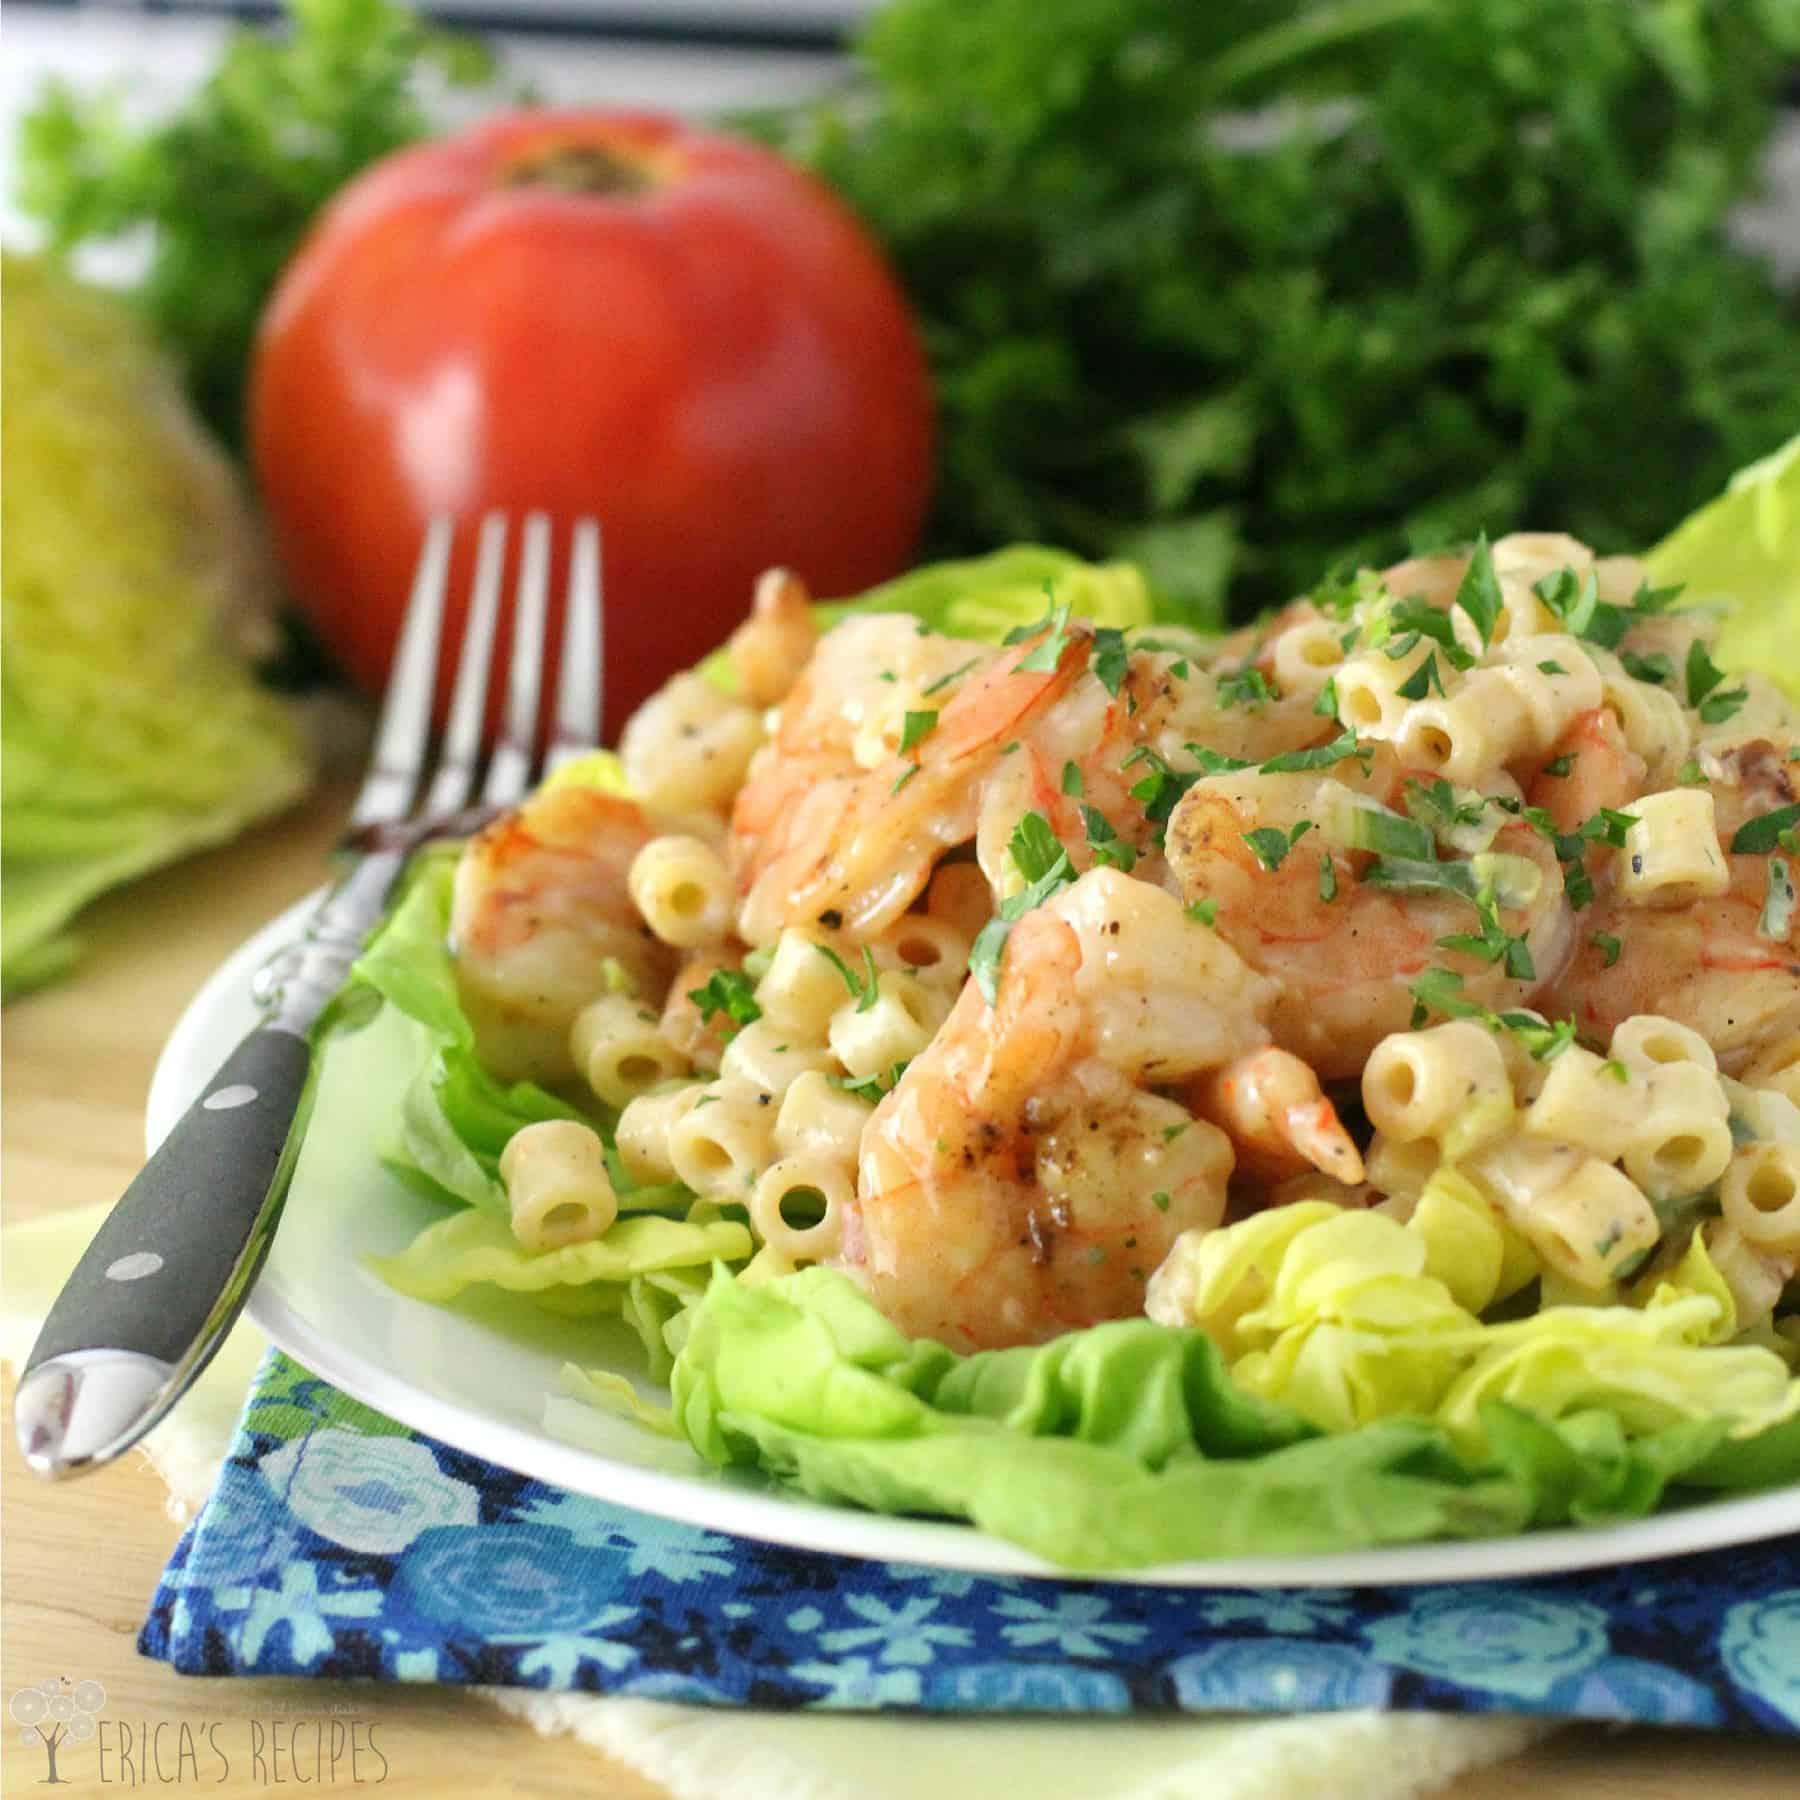 Healthy Grilled Shrimp Cocktail Pasta Salad